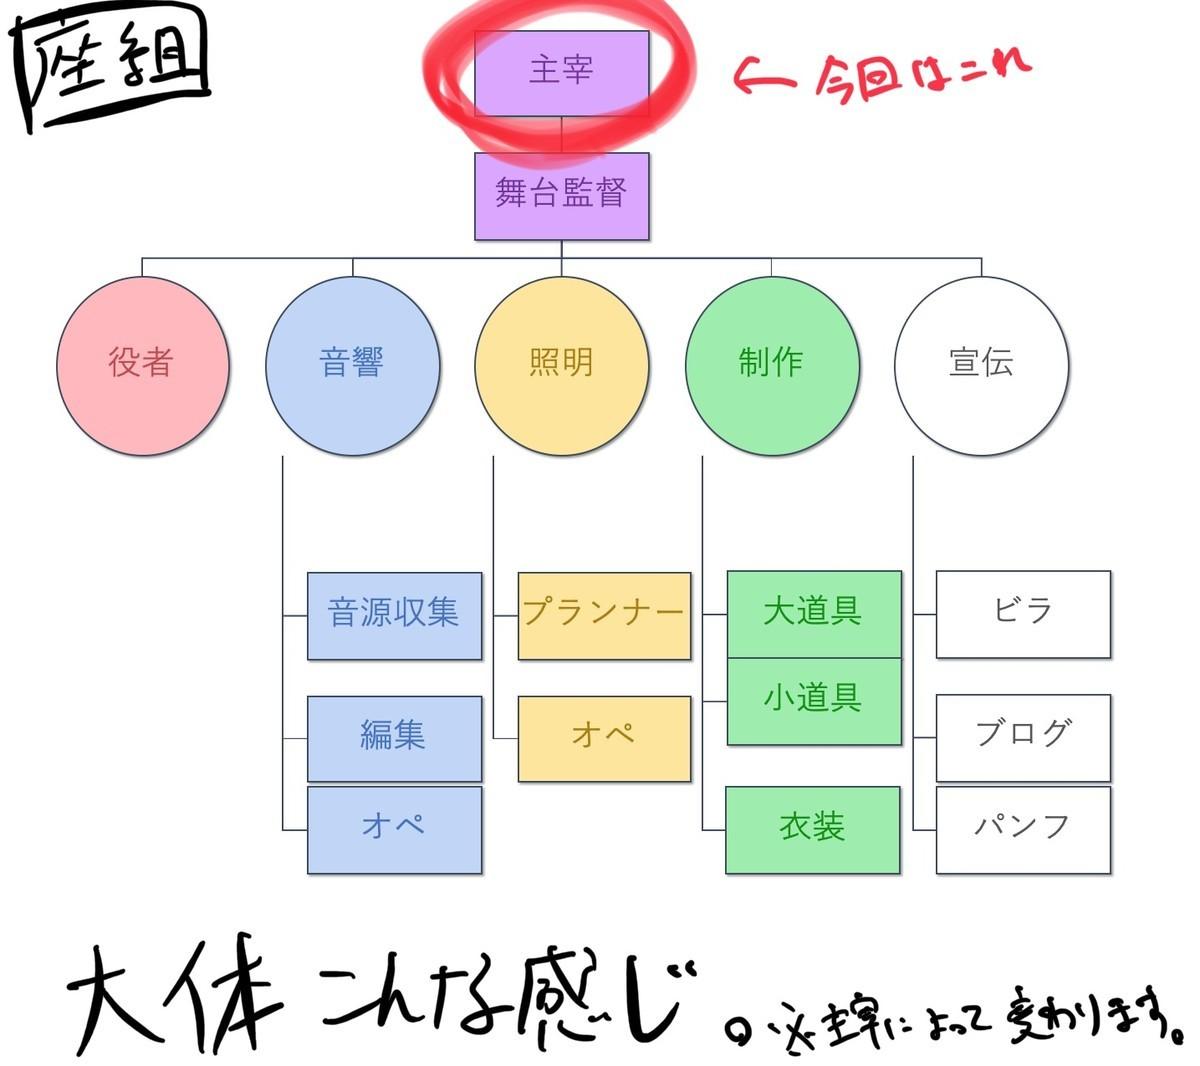 f:id:tamageki:20190401184007j:plain